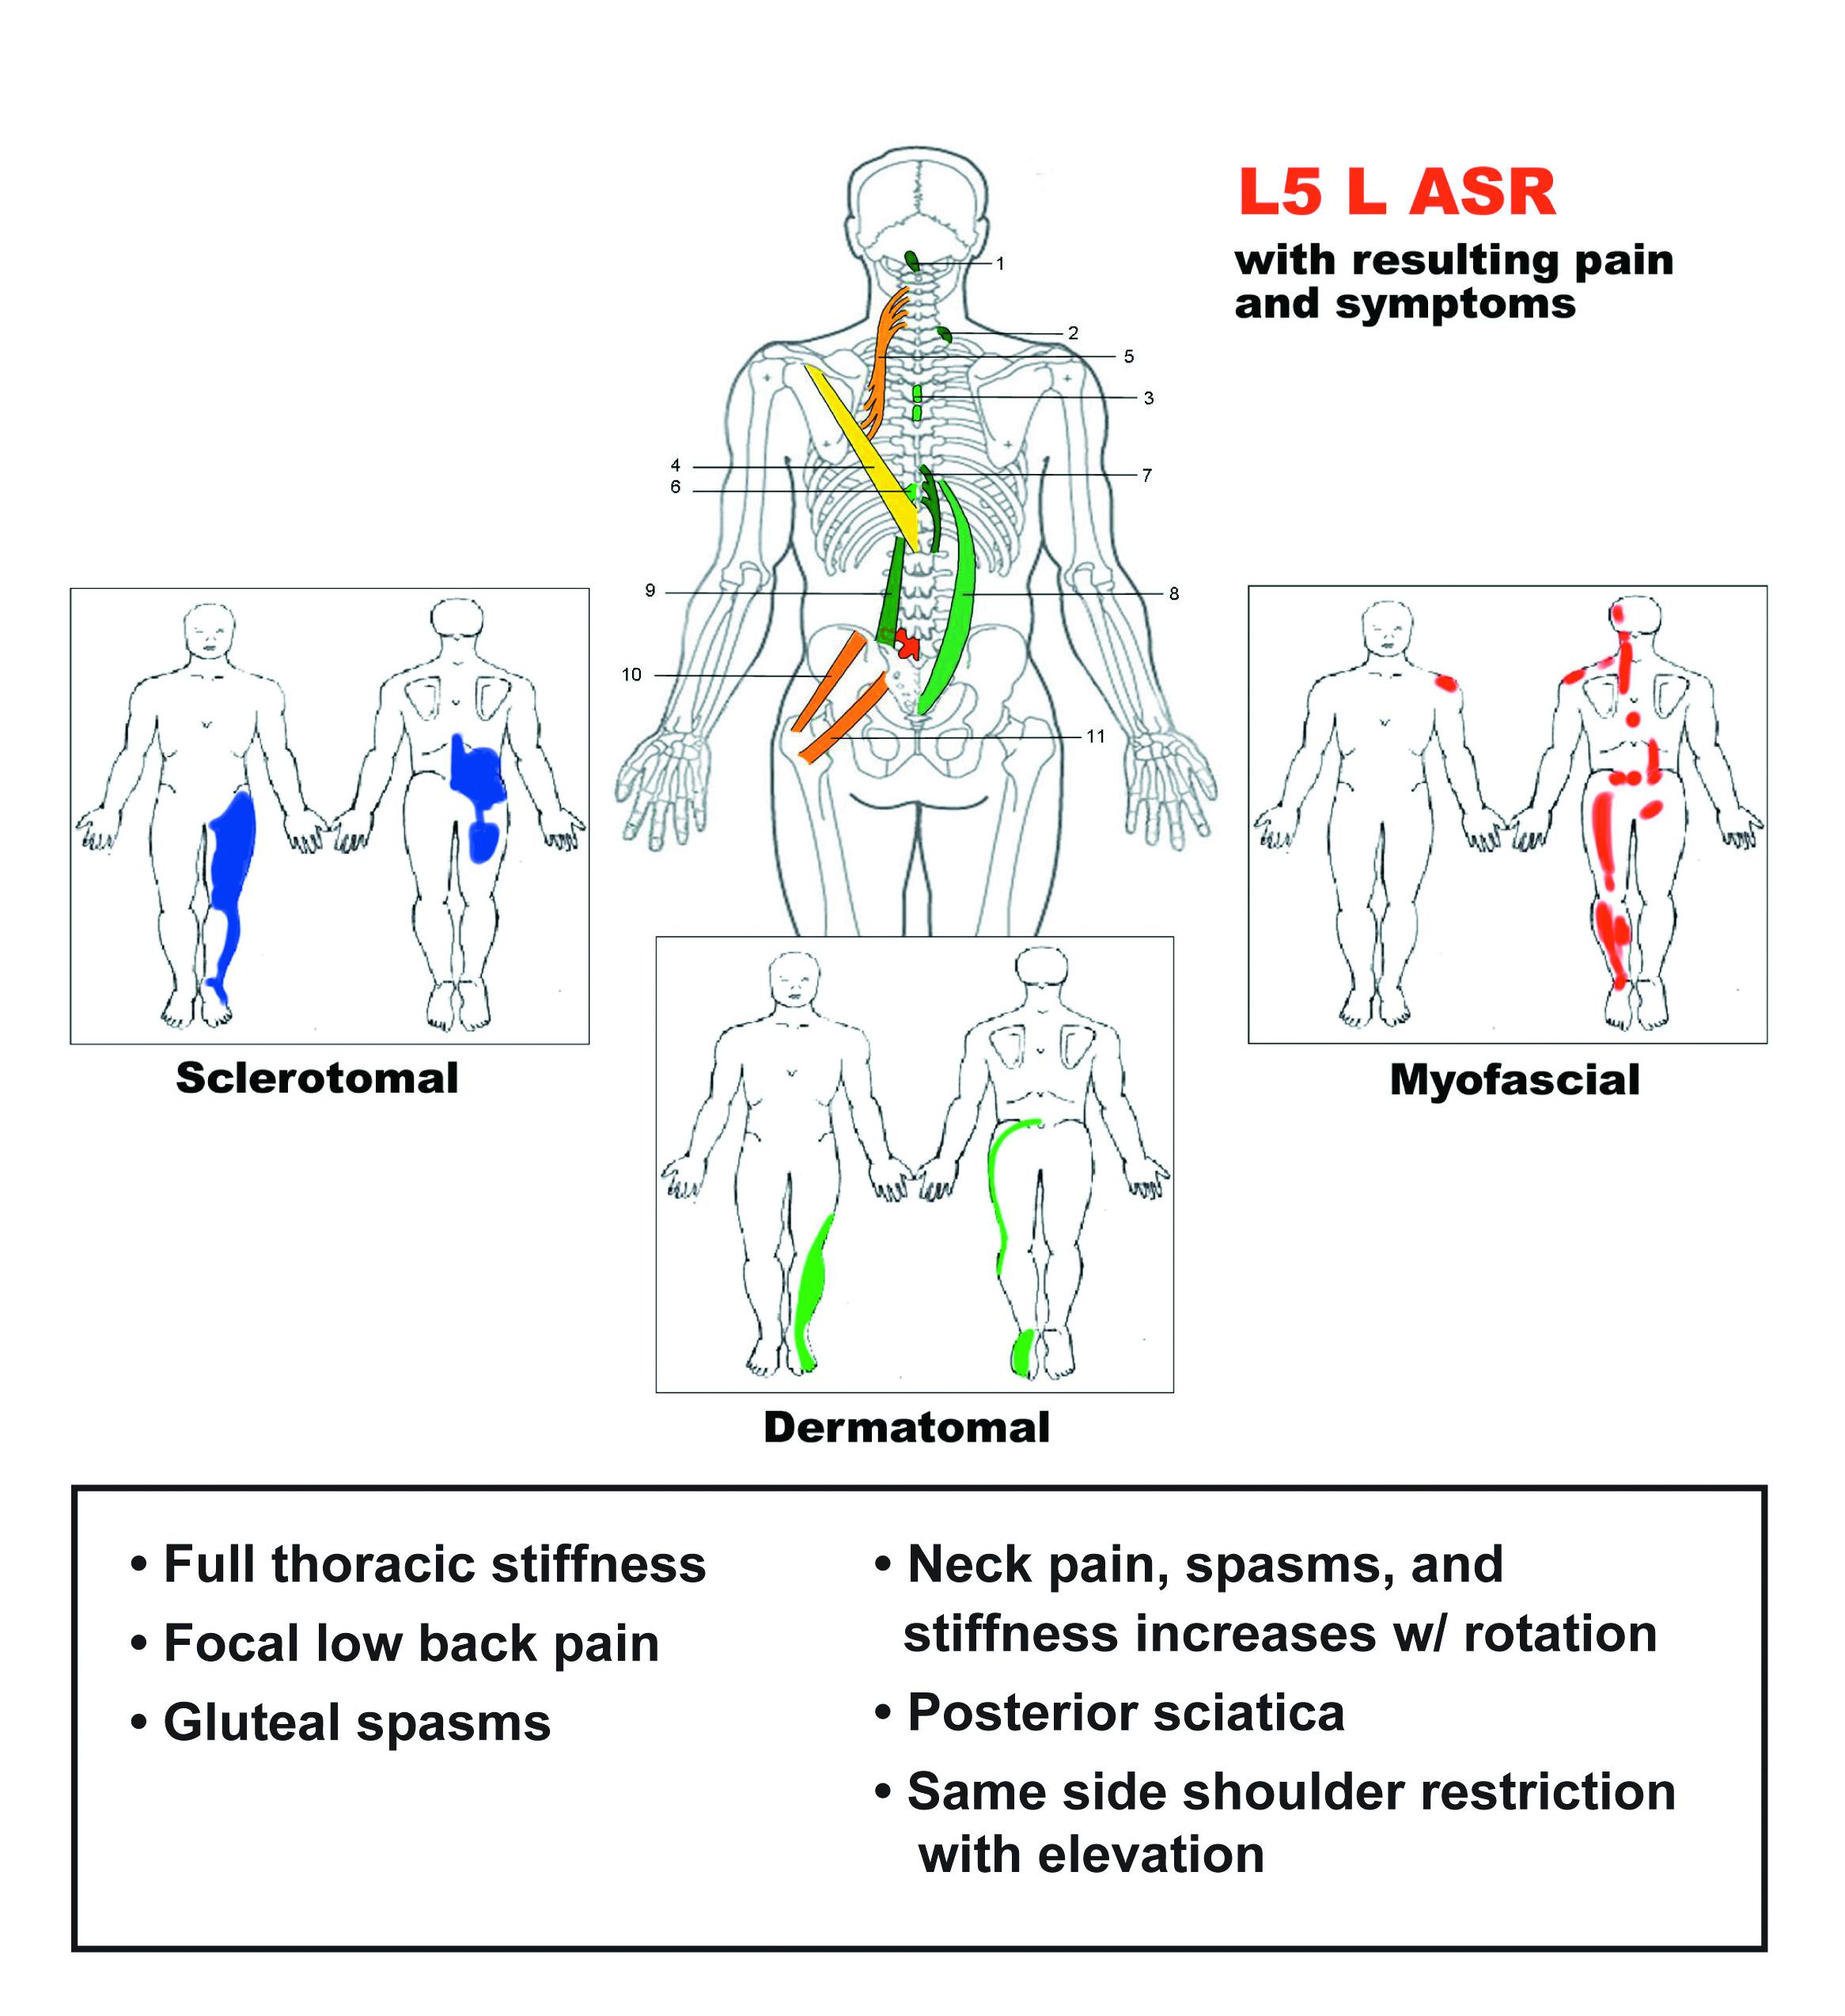 Sample SRS L5 chart